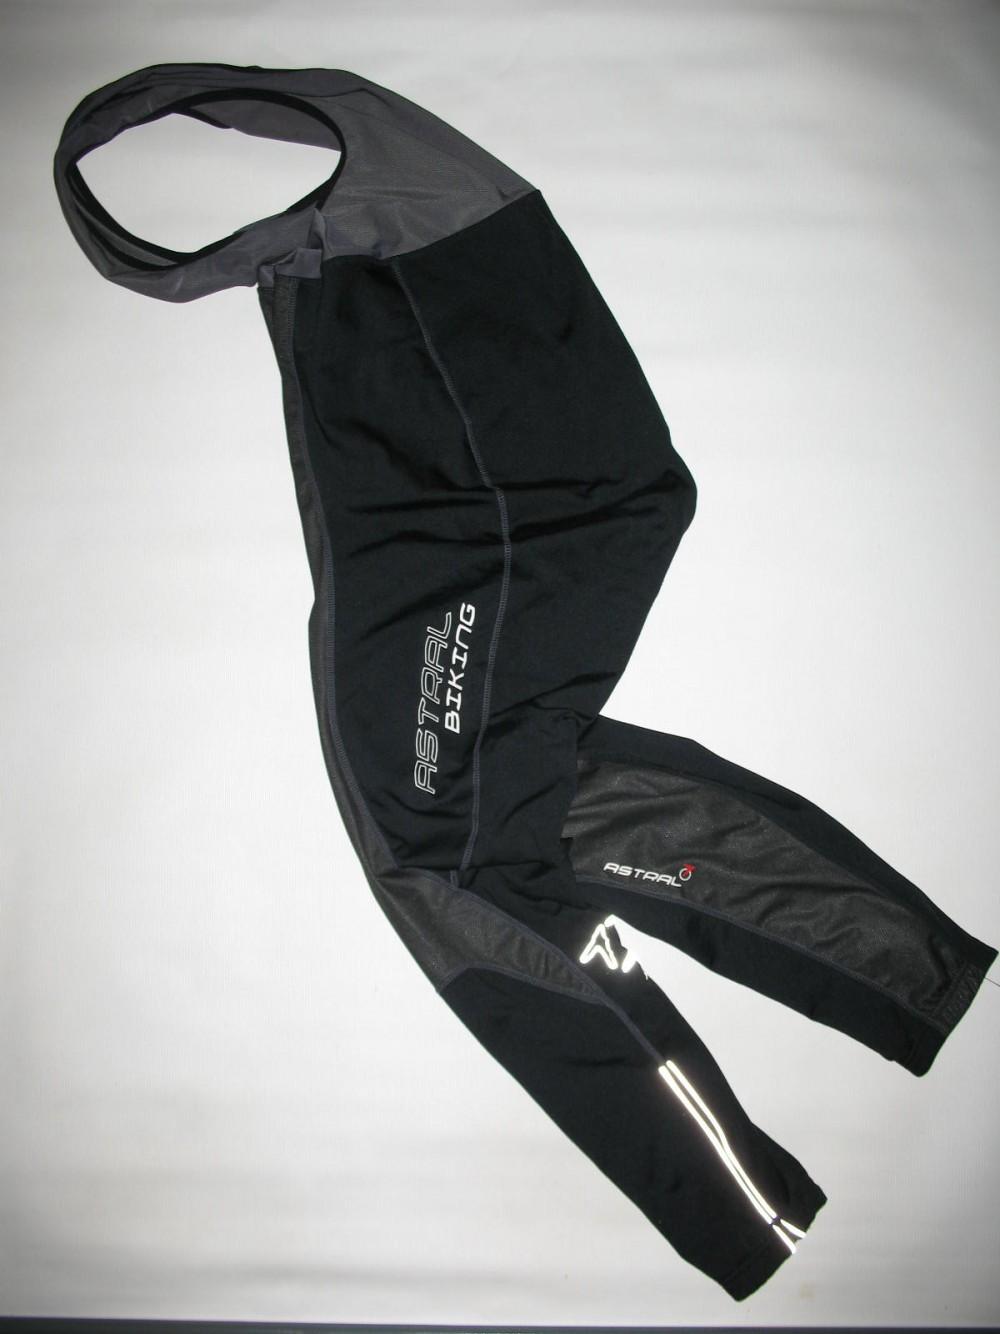 Велобрюки ASTRAL biking bib tight long pants (размер XL/XXL) - 1